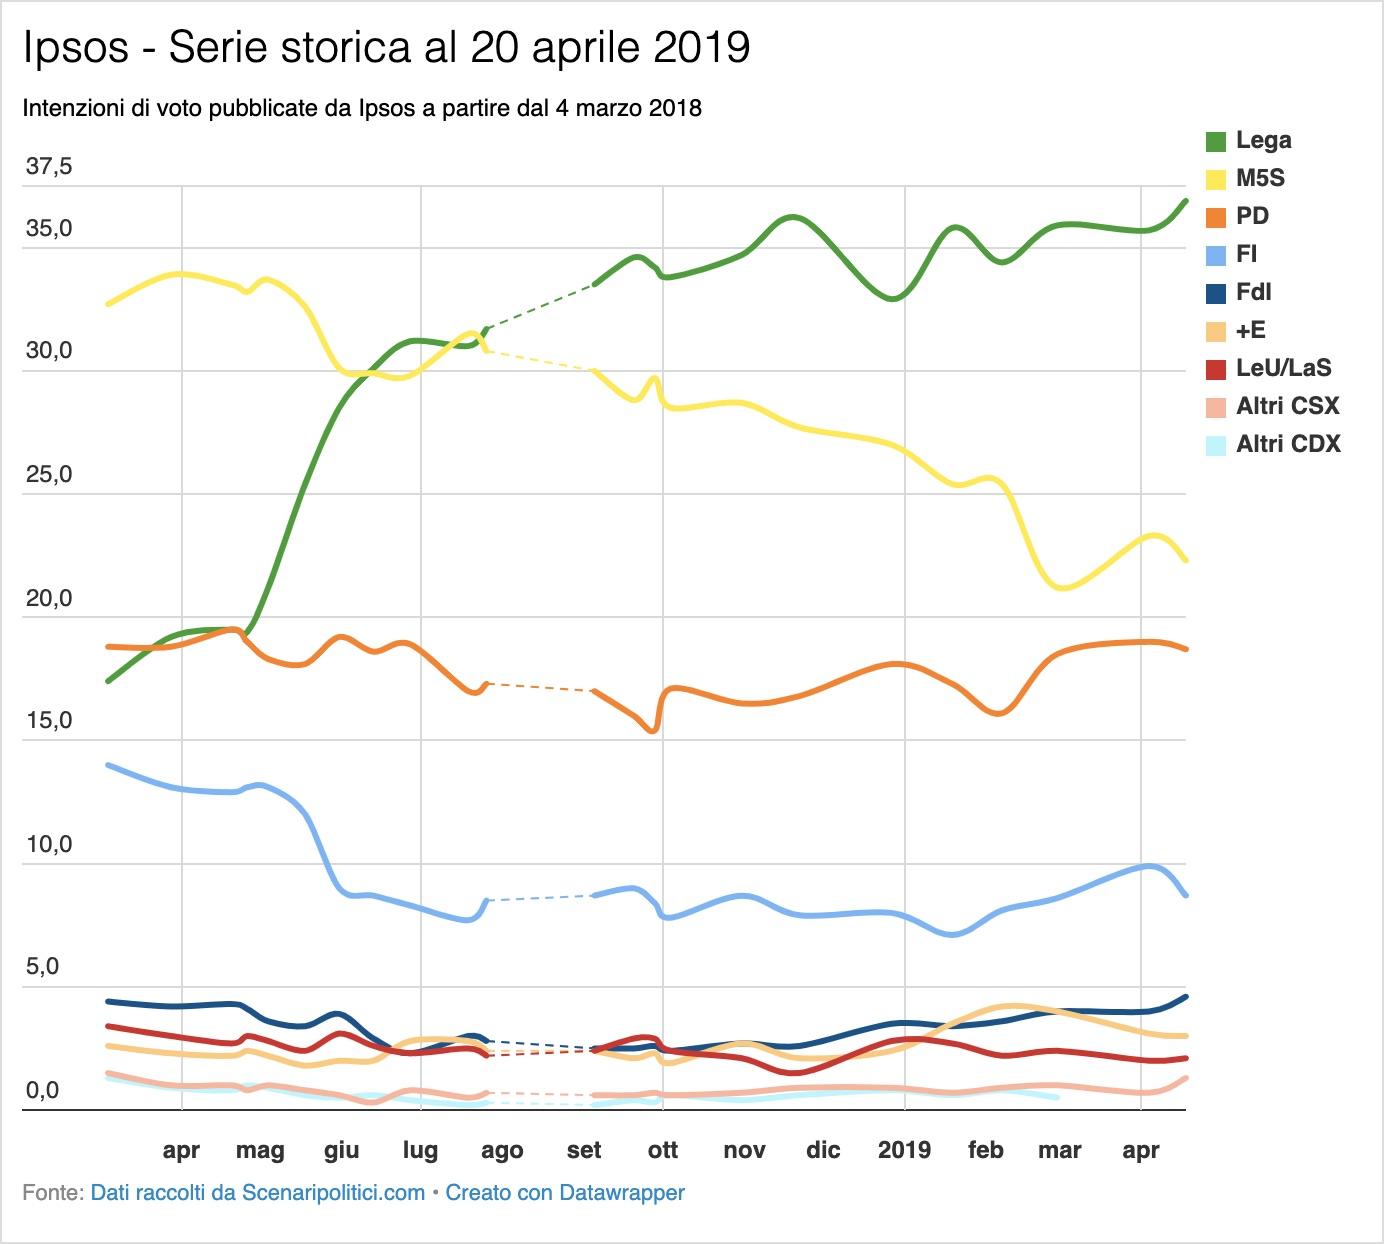 Sondaggio Ipsos 20 aprile 2019